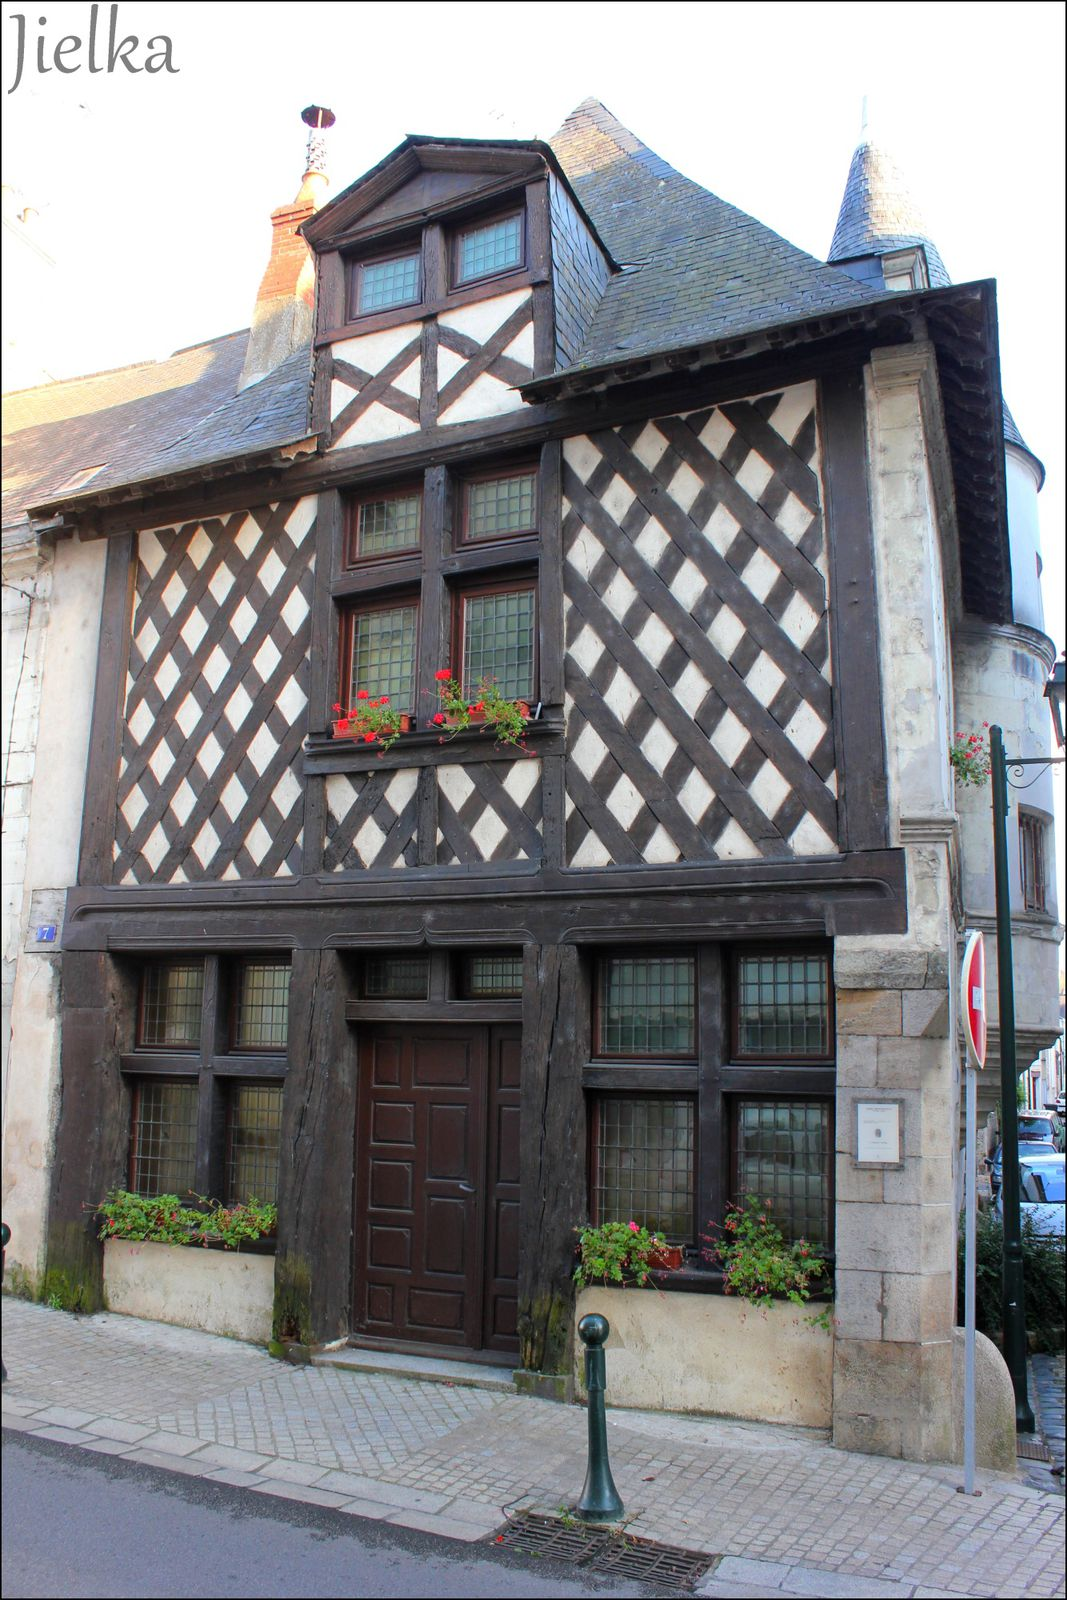 Demeure de style Henri II du VXIème siècle, ancien grenier à sel avec jolie tour en tuffeau pour l'escalier.